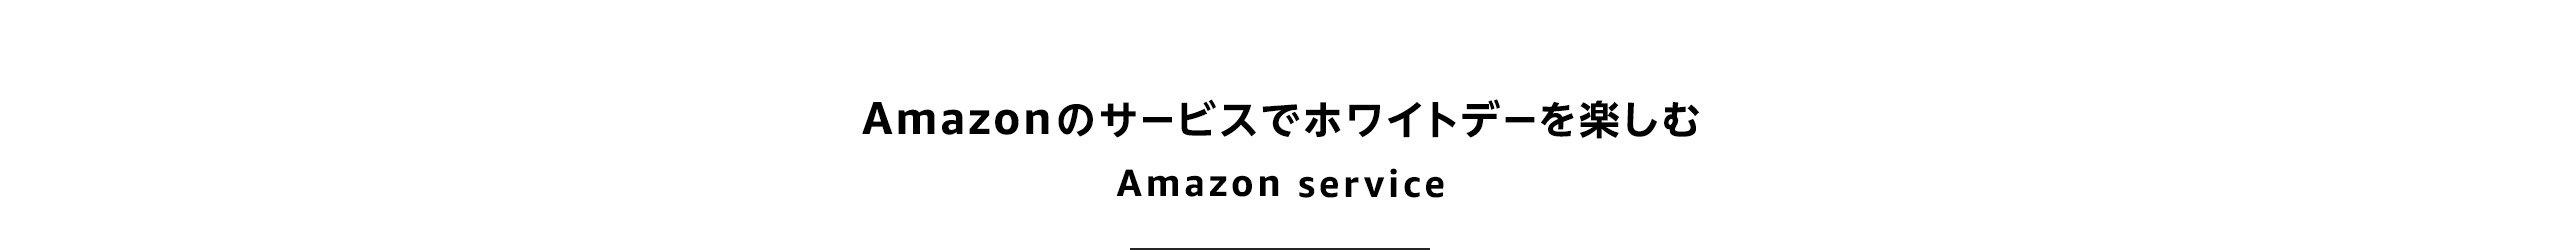 Amazonのサービスでホワイトデーを楽しむ